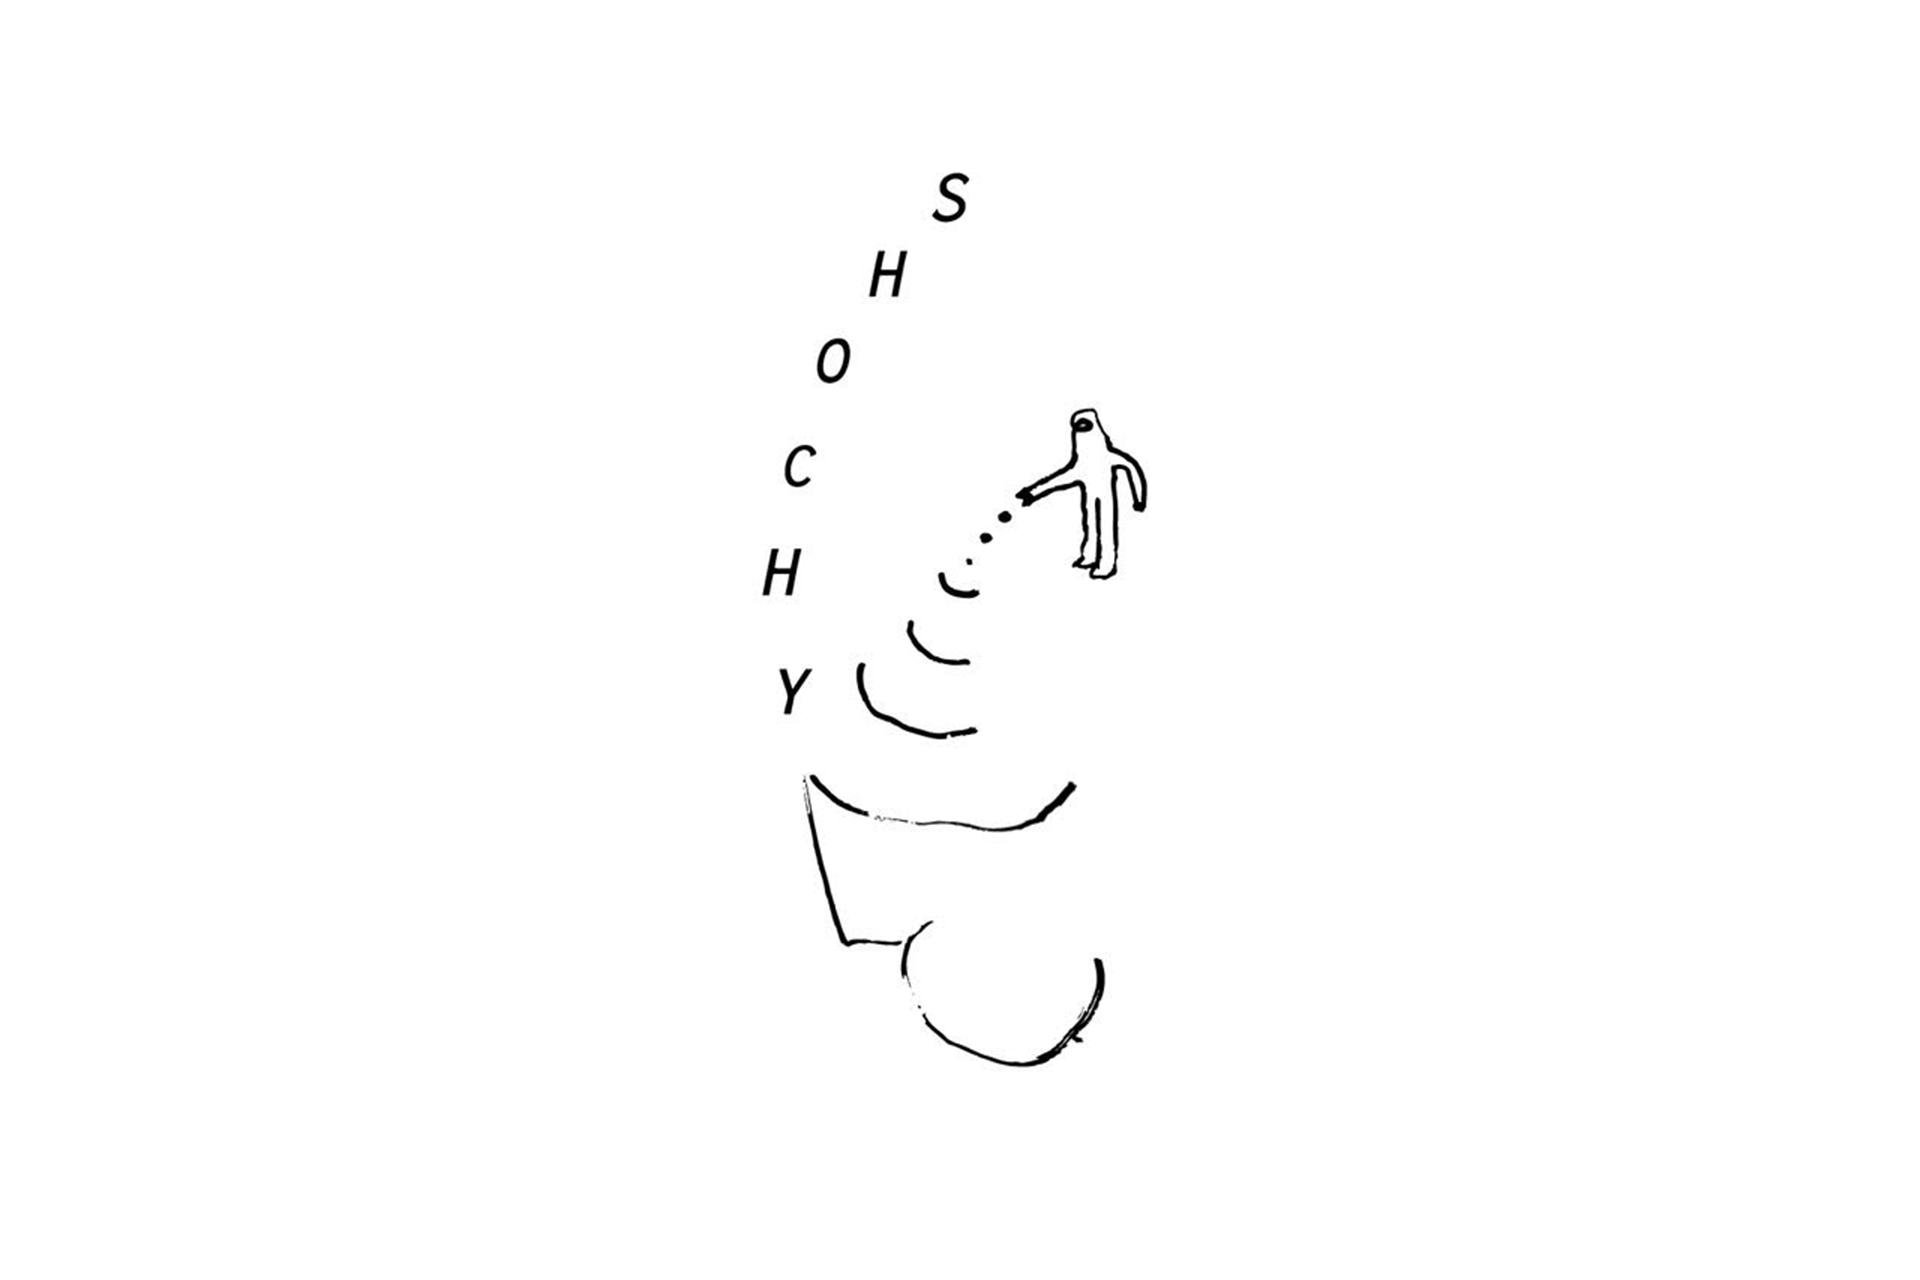 ボアダムスから現在まで、果てしない表現の宇宙とコアとなる姿勢。YoshimiOのフラクタルな活動を追う。